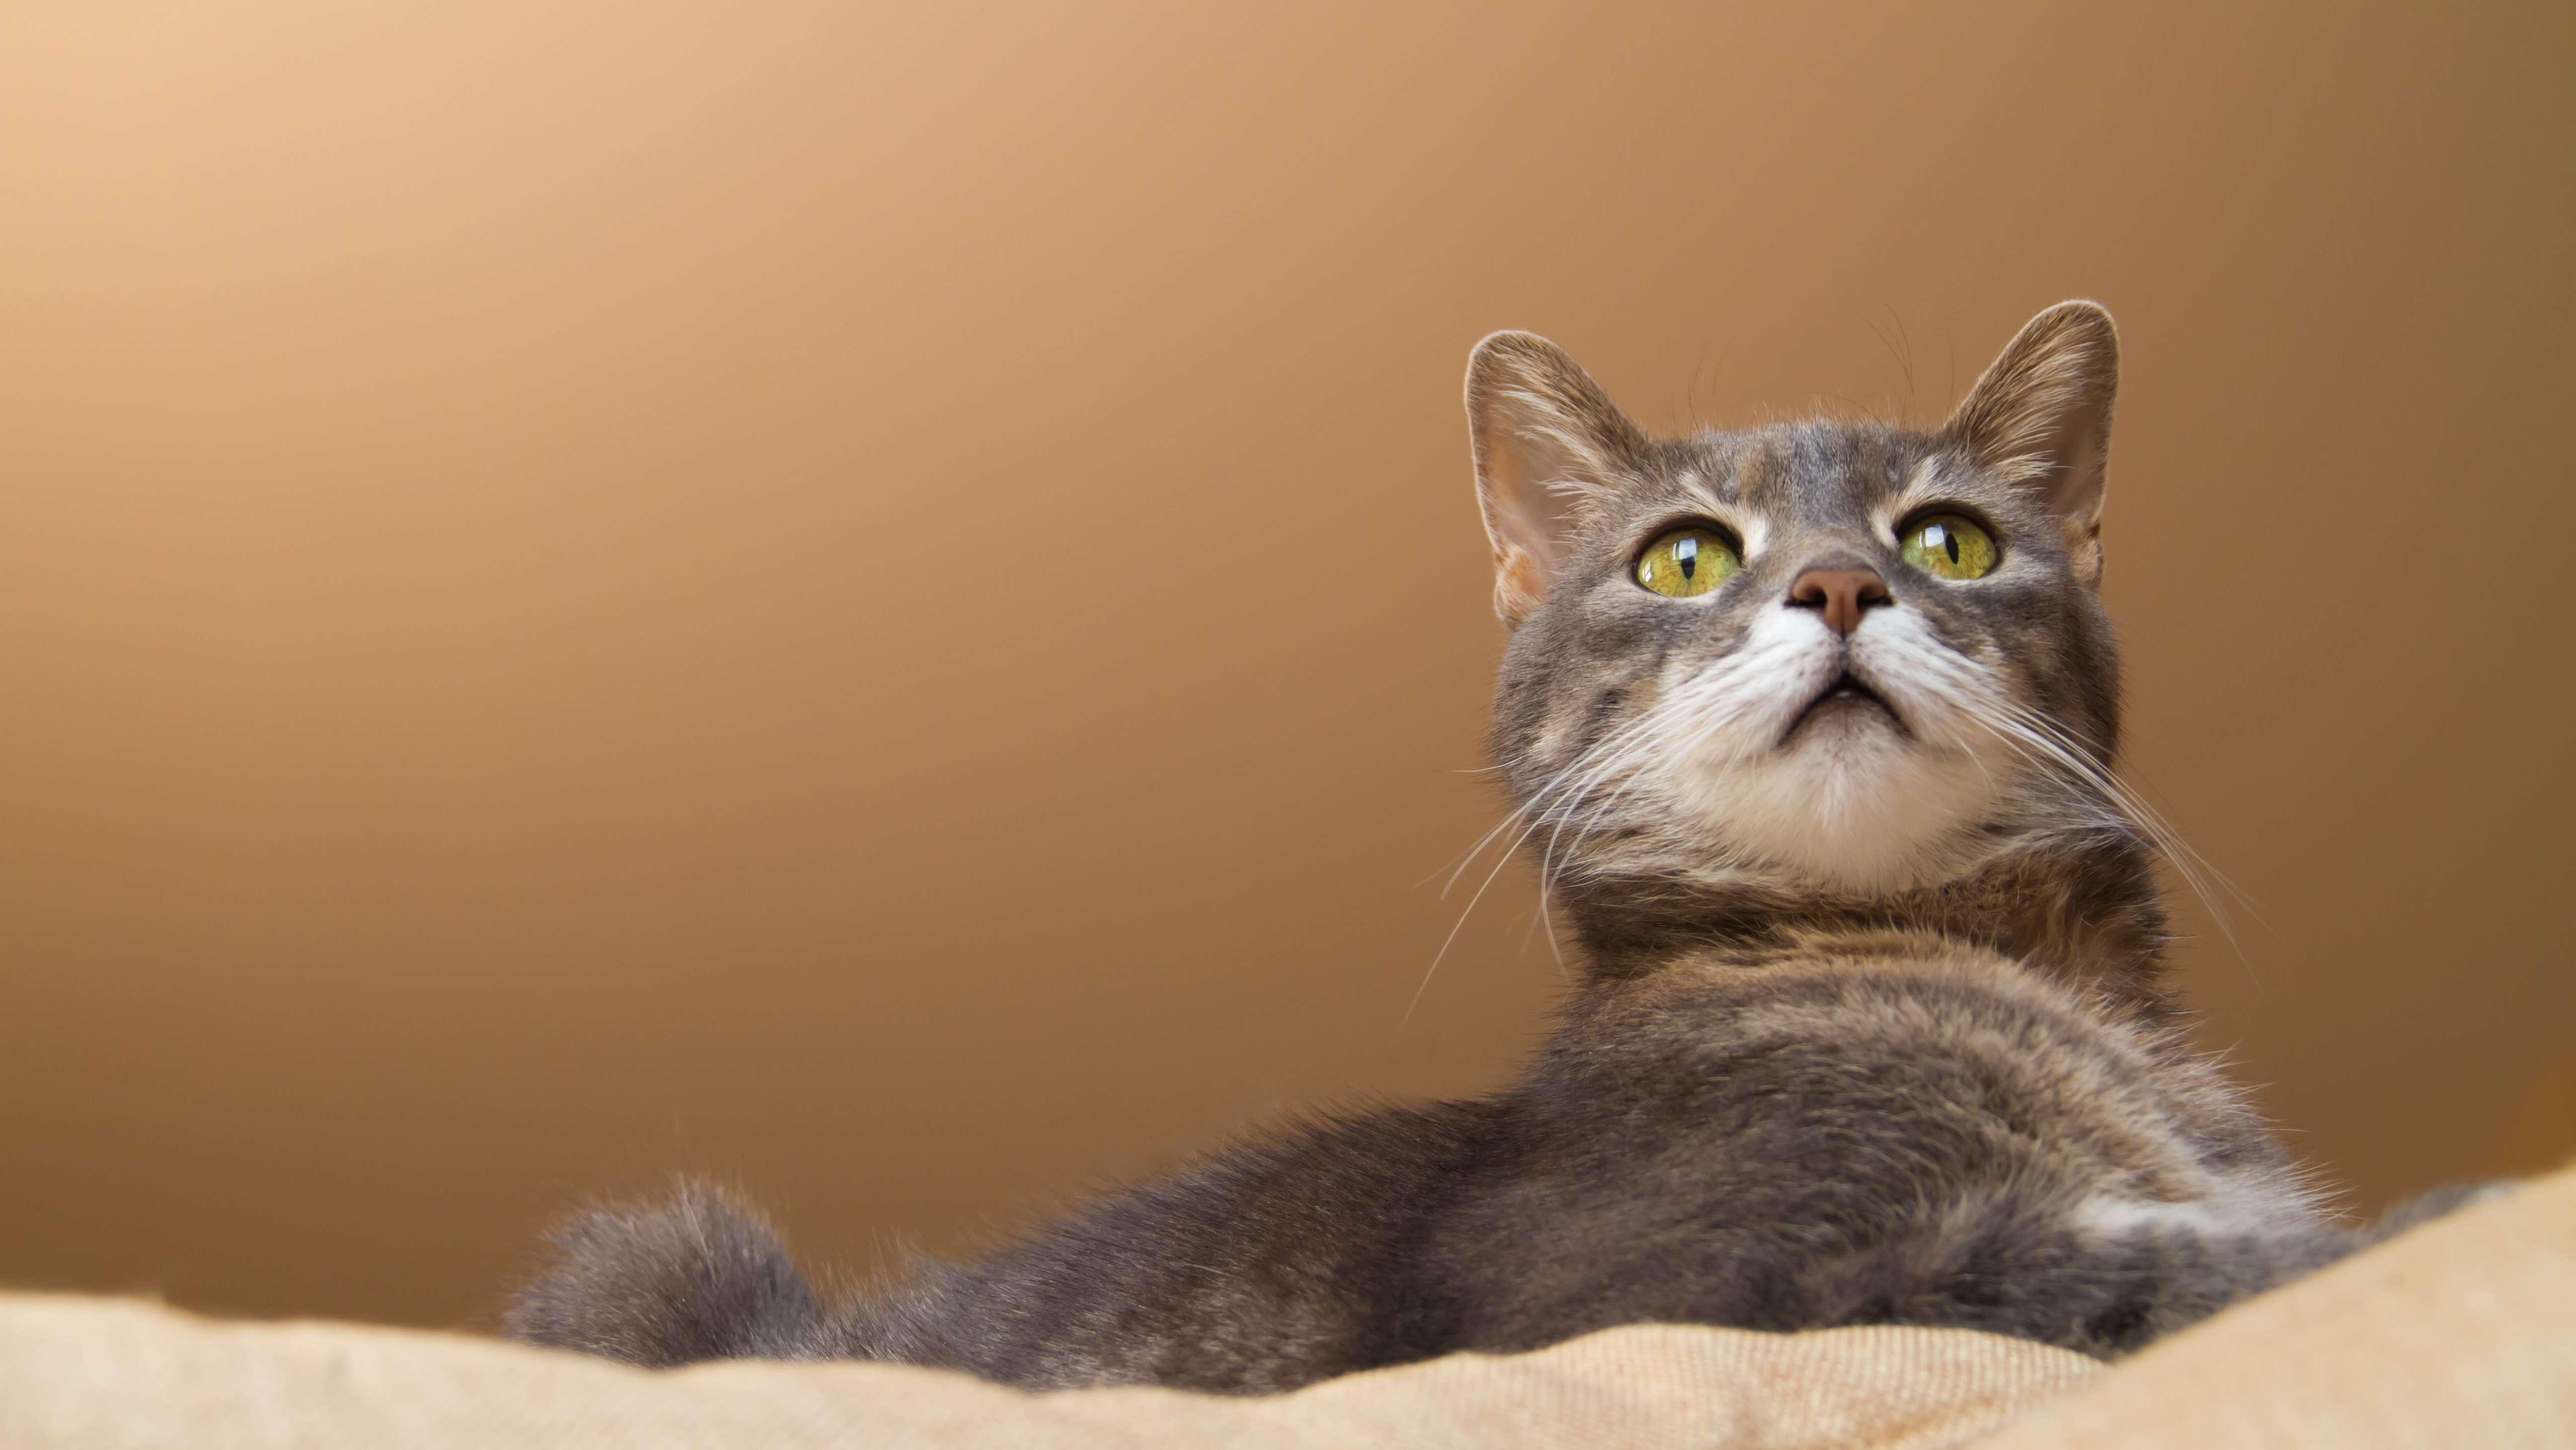 Jetzt beweist es eine Studie: Katzen verstehen und reagieren tatsächlich auf ihren Namen.